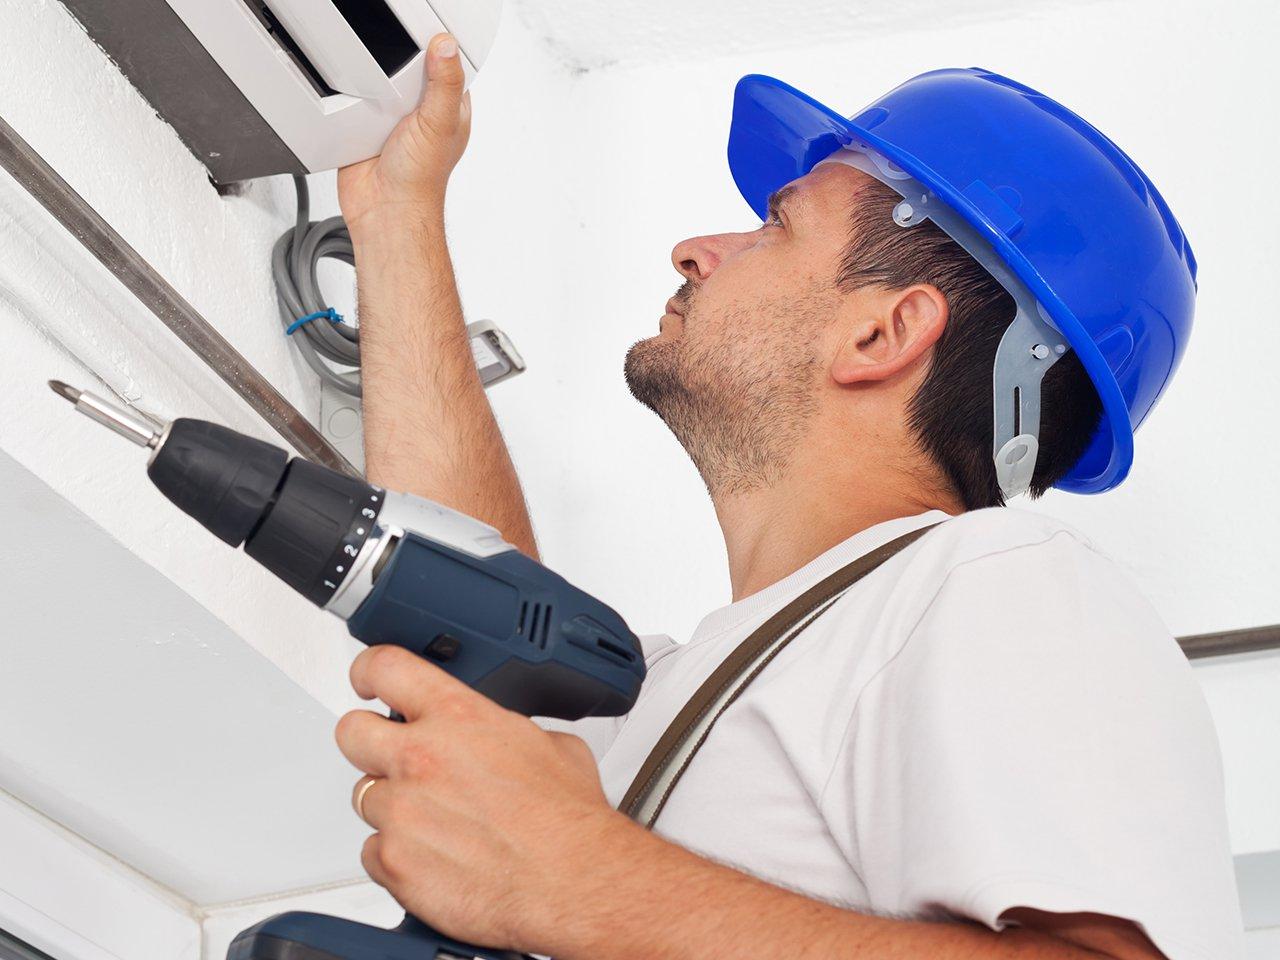 Ремонт вентиляции квартиры и дома: окпд, диагностика, обслуживание